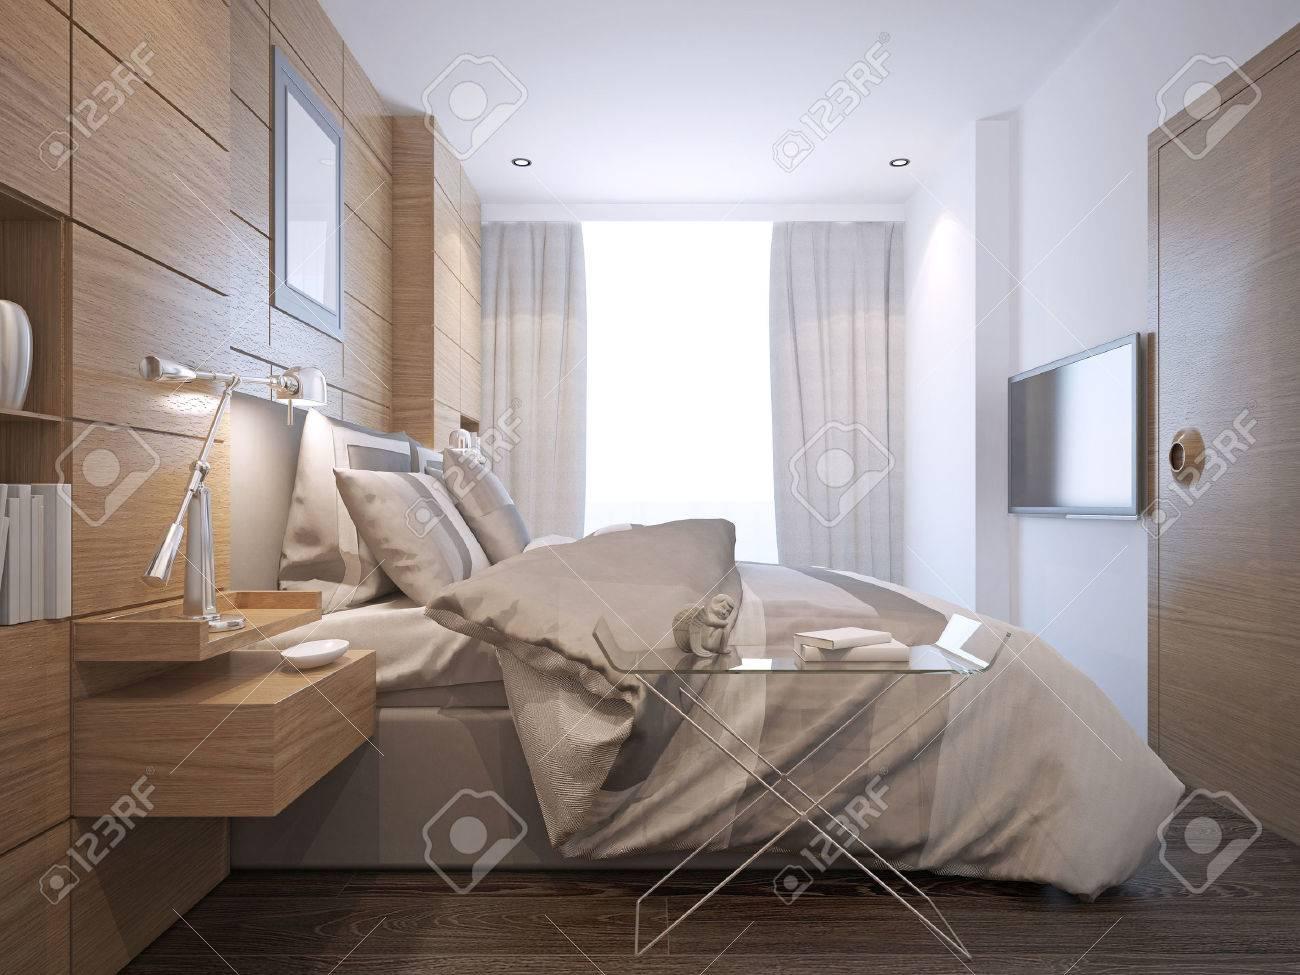 Taille Moyenne D Une Chambre lumineux style loft. chambre de taille moyenne avec des planchers de bois  franc de tonalité moyenne et des murs blancs. 3d render